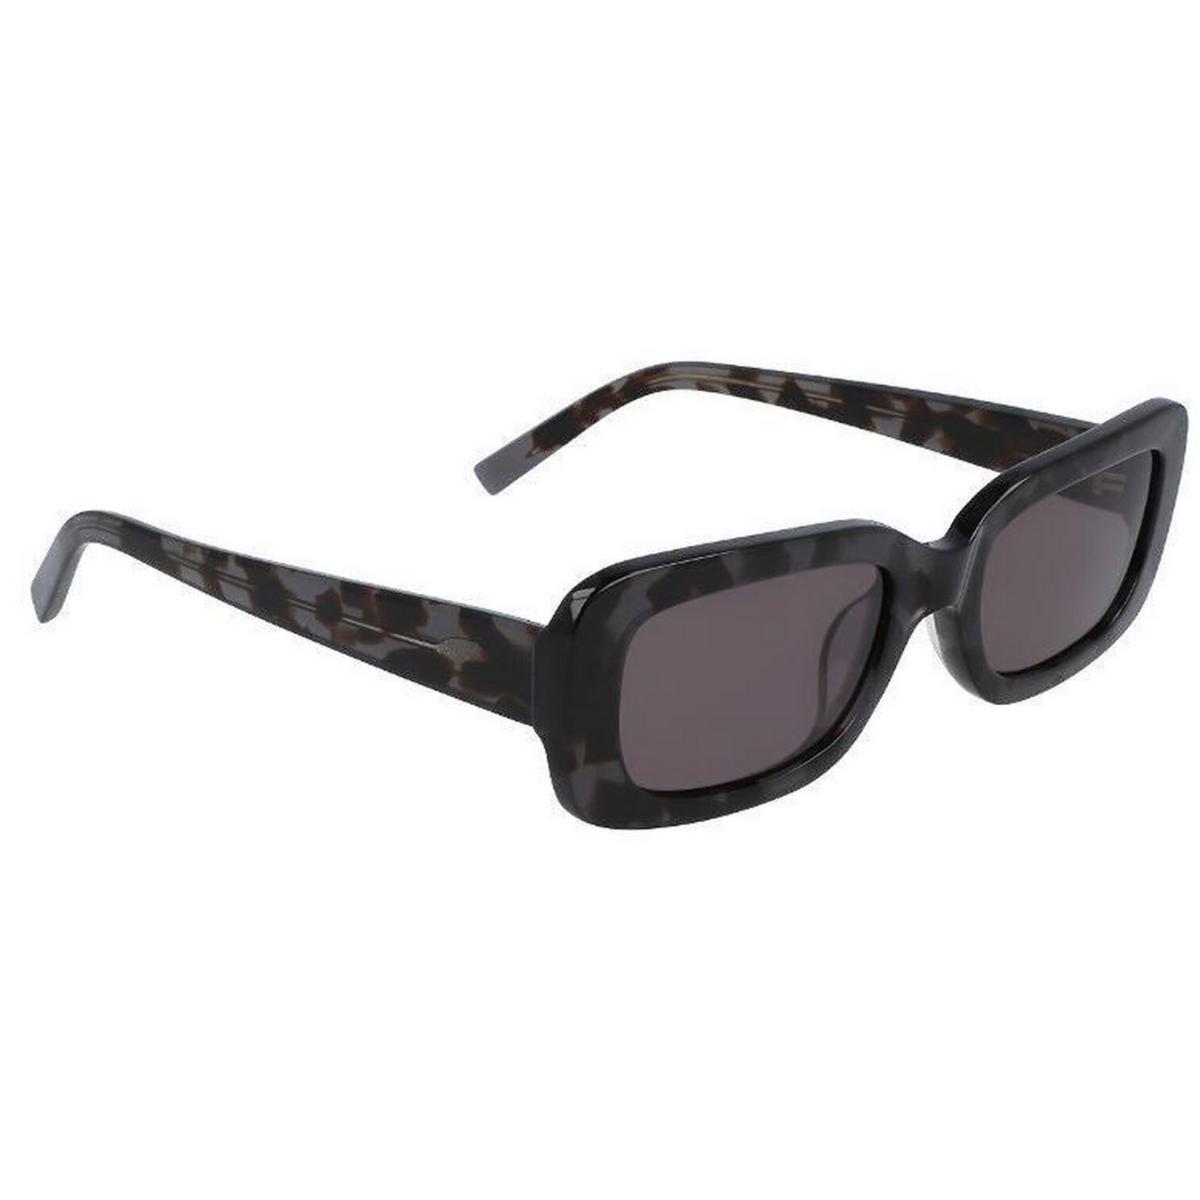 Óculos de Sol Feminino DKNY DK514s